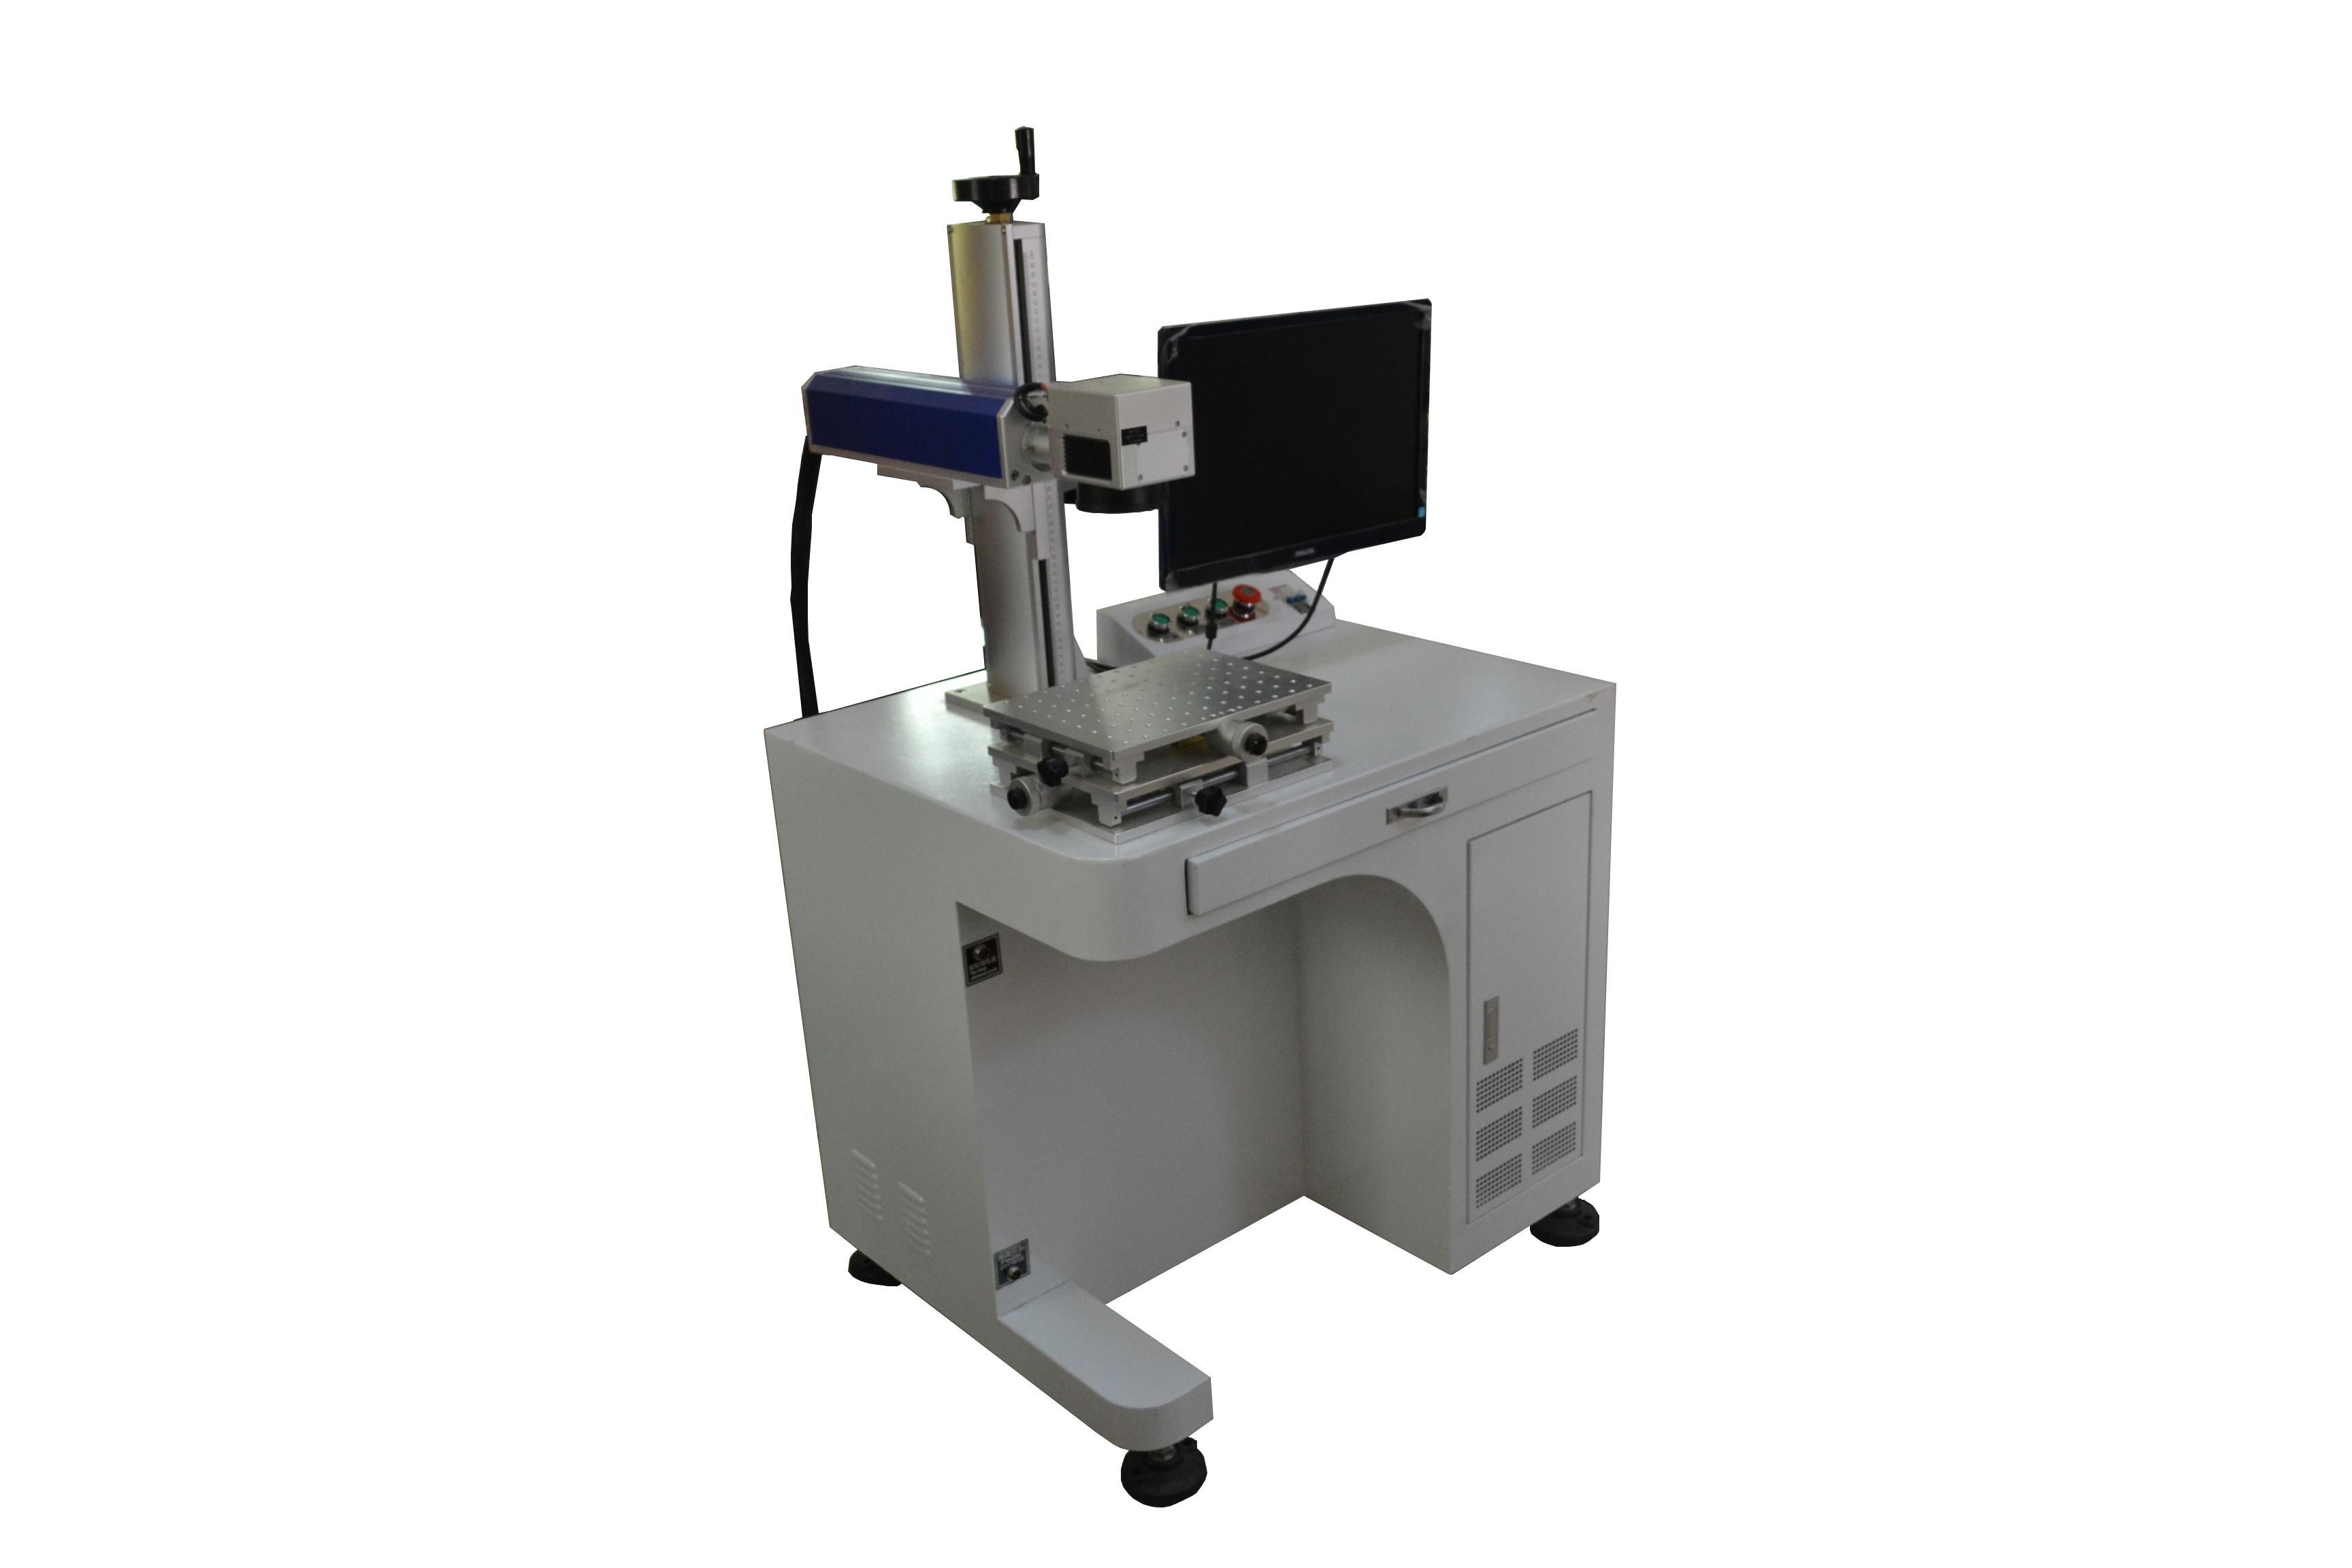 供应全新20瓦激光打标机,激光刻字机,金属铭牌激光打印机 激光打标机,激光刻字